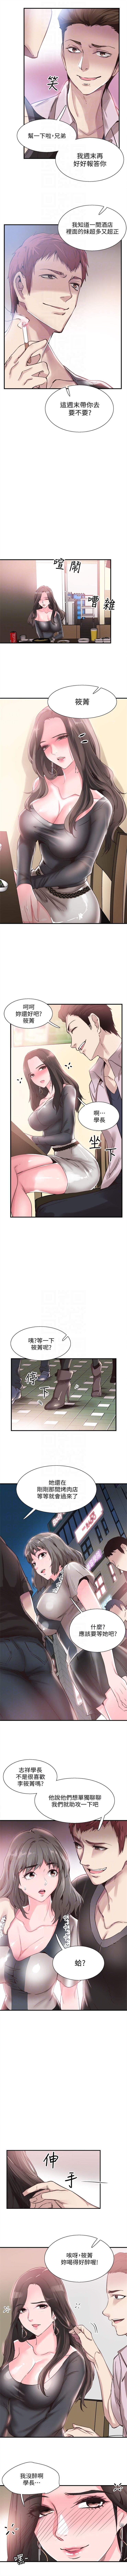 (週7)校園live秀 1-50 中文翻譯(更新中) 138